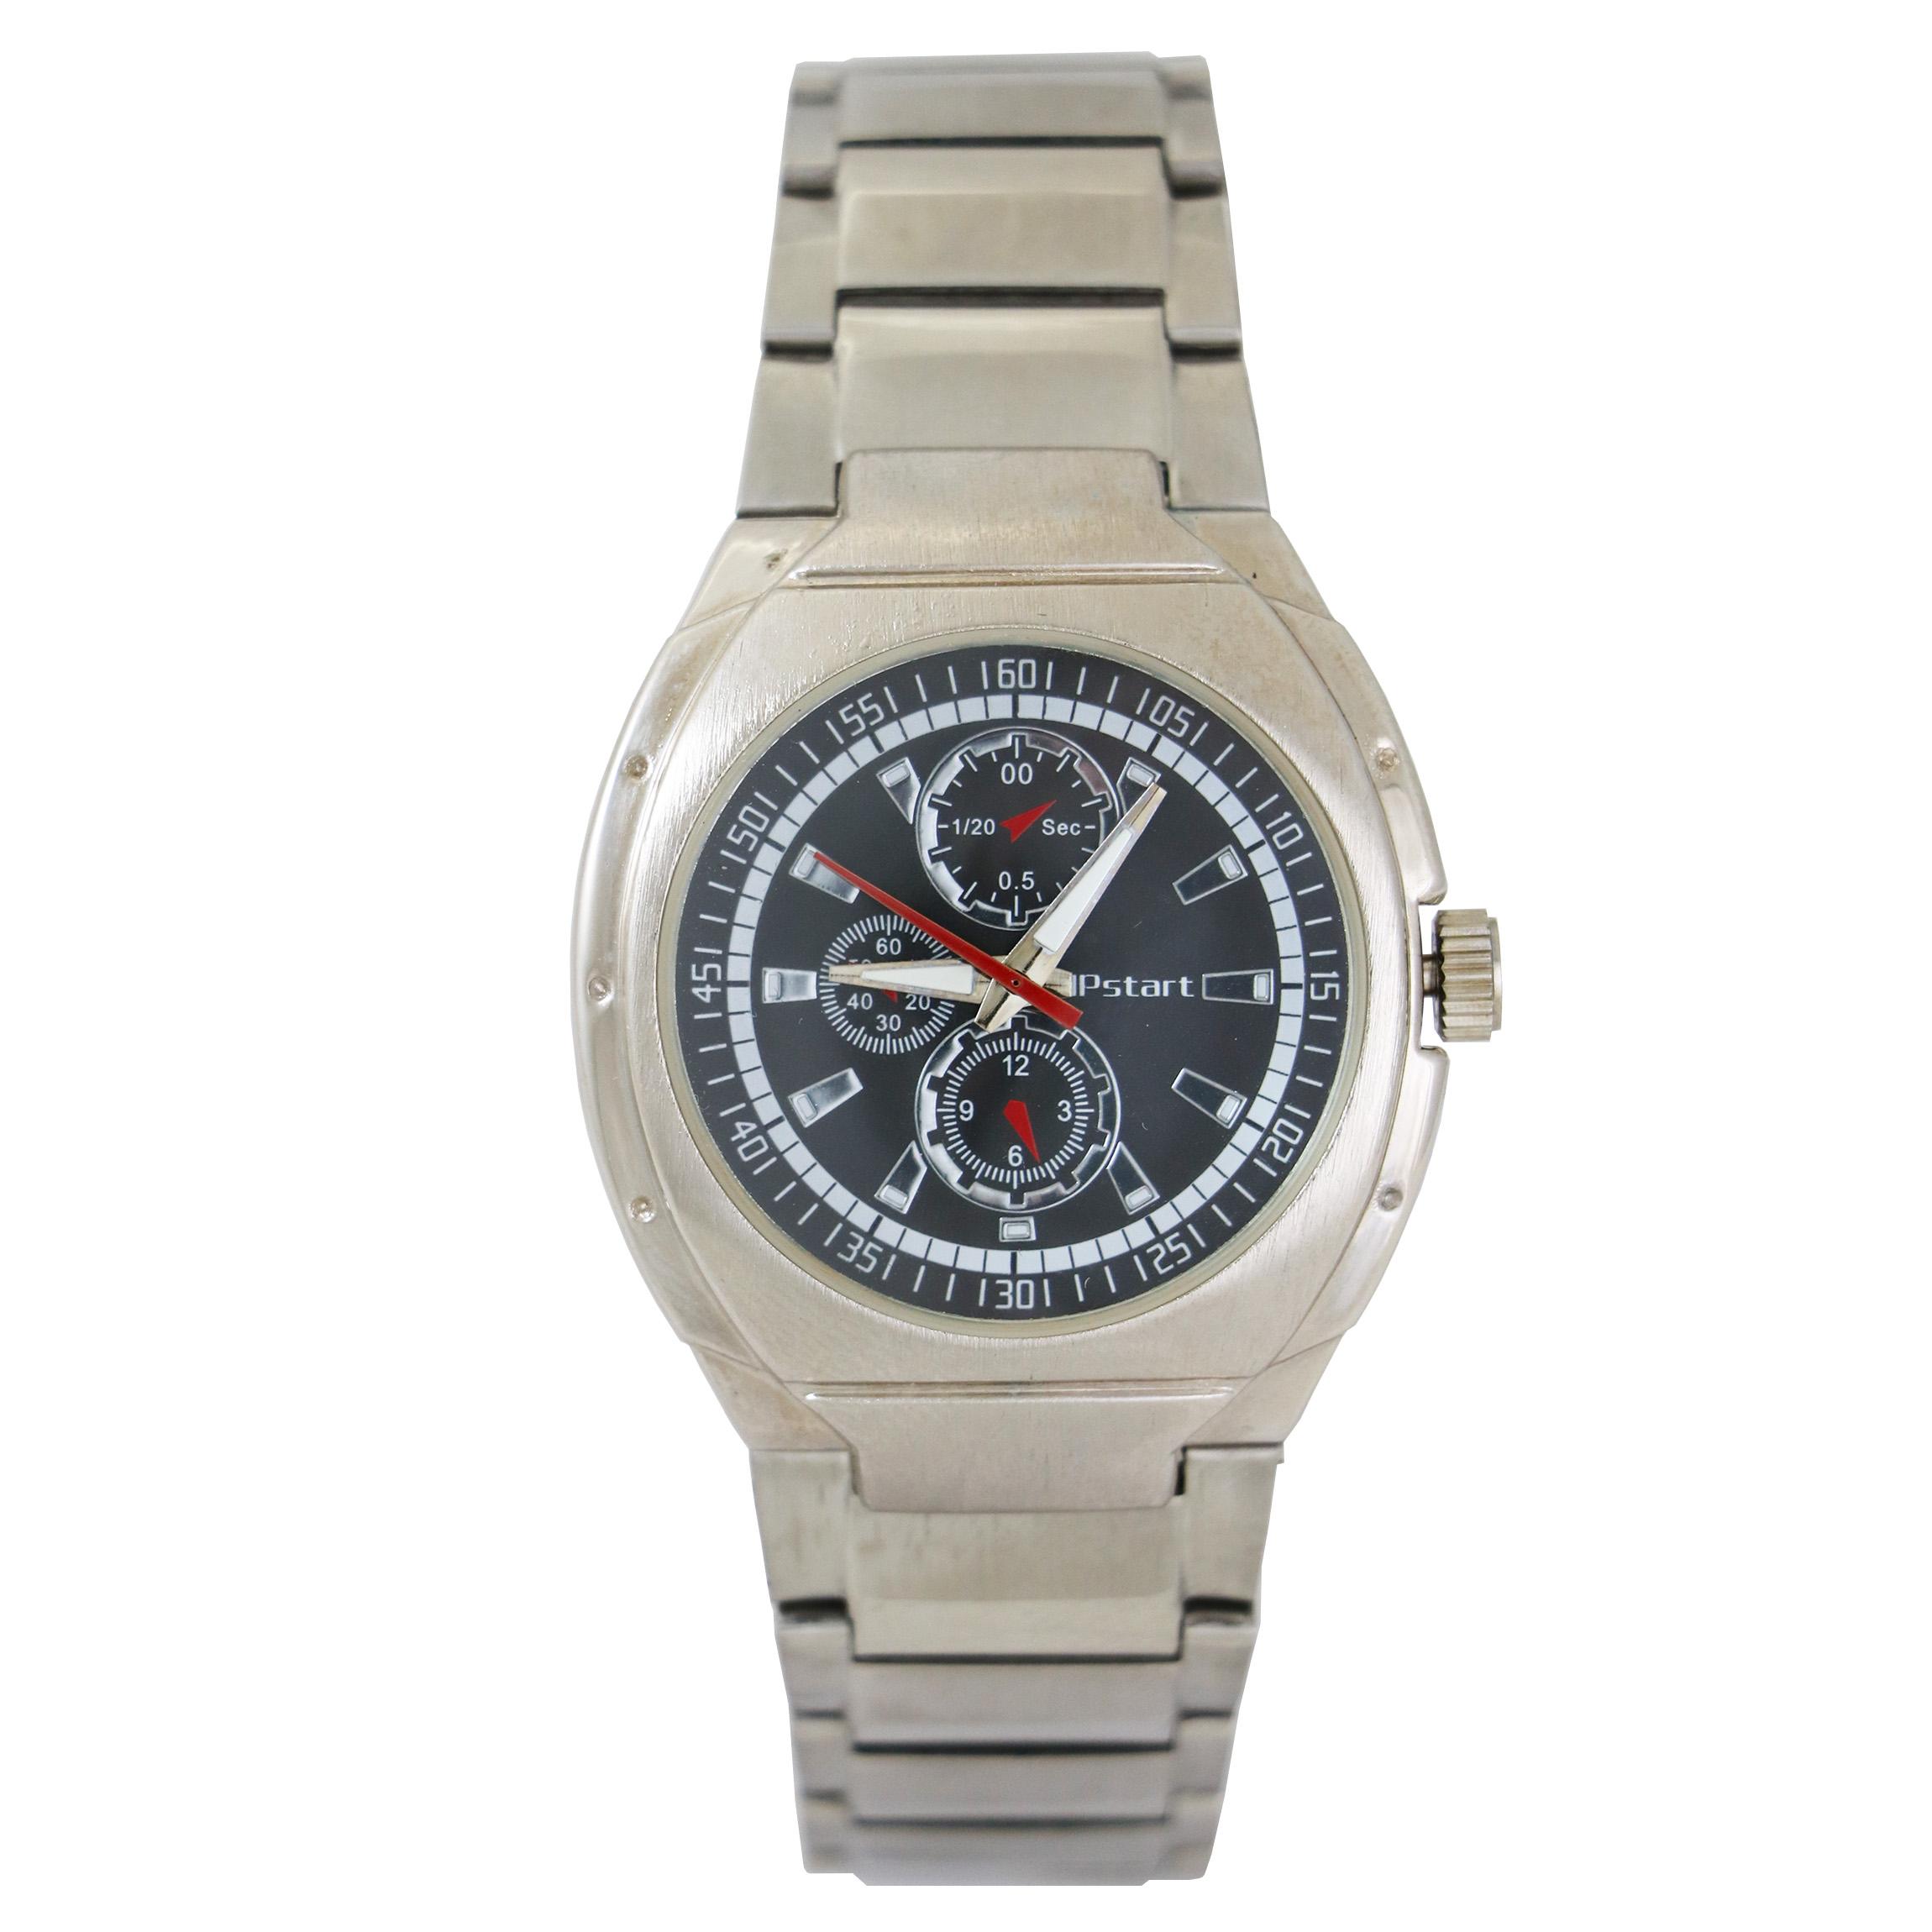 ساعت مچی عقربه ای مردانه آپ استارت مدل MW587